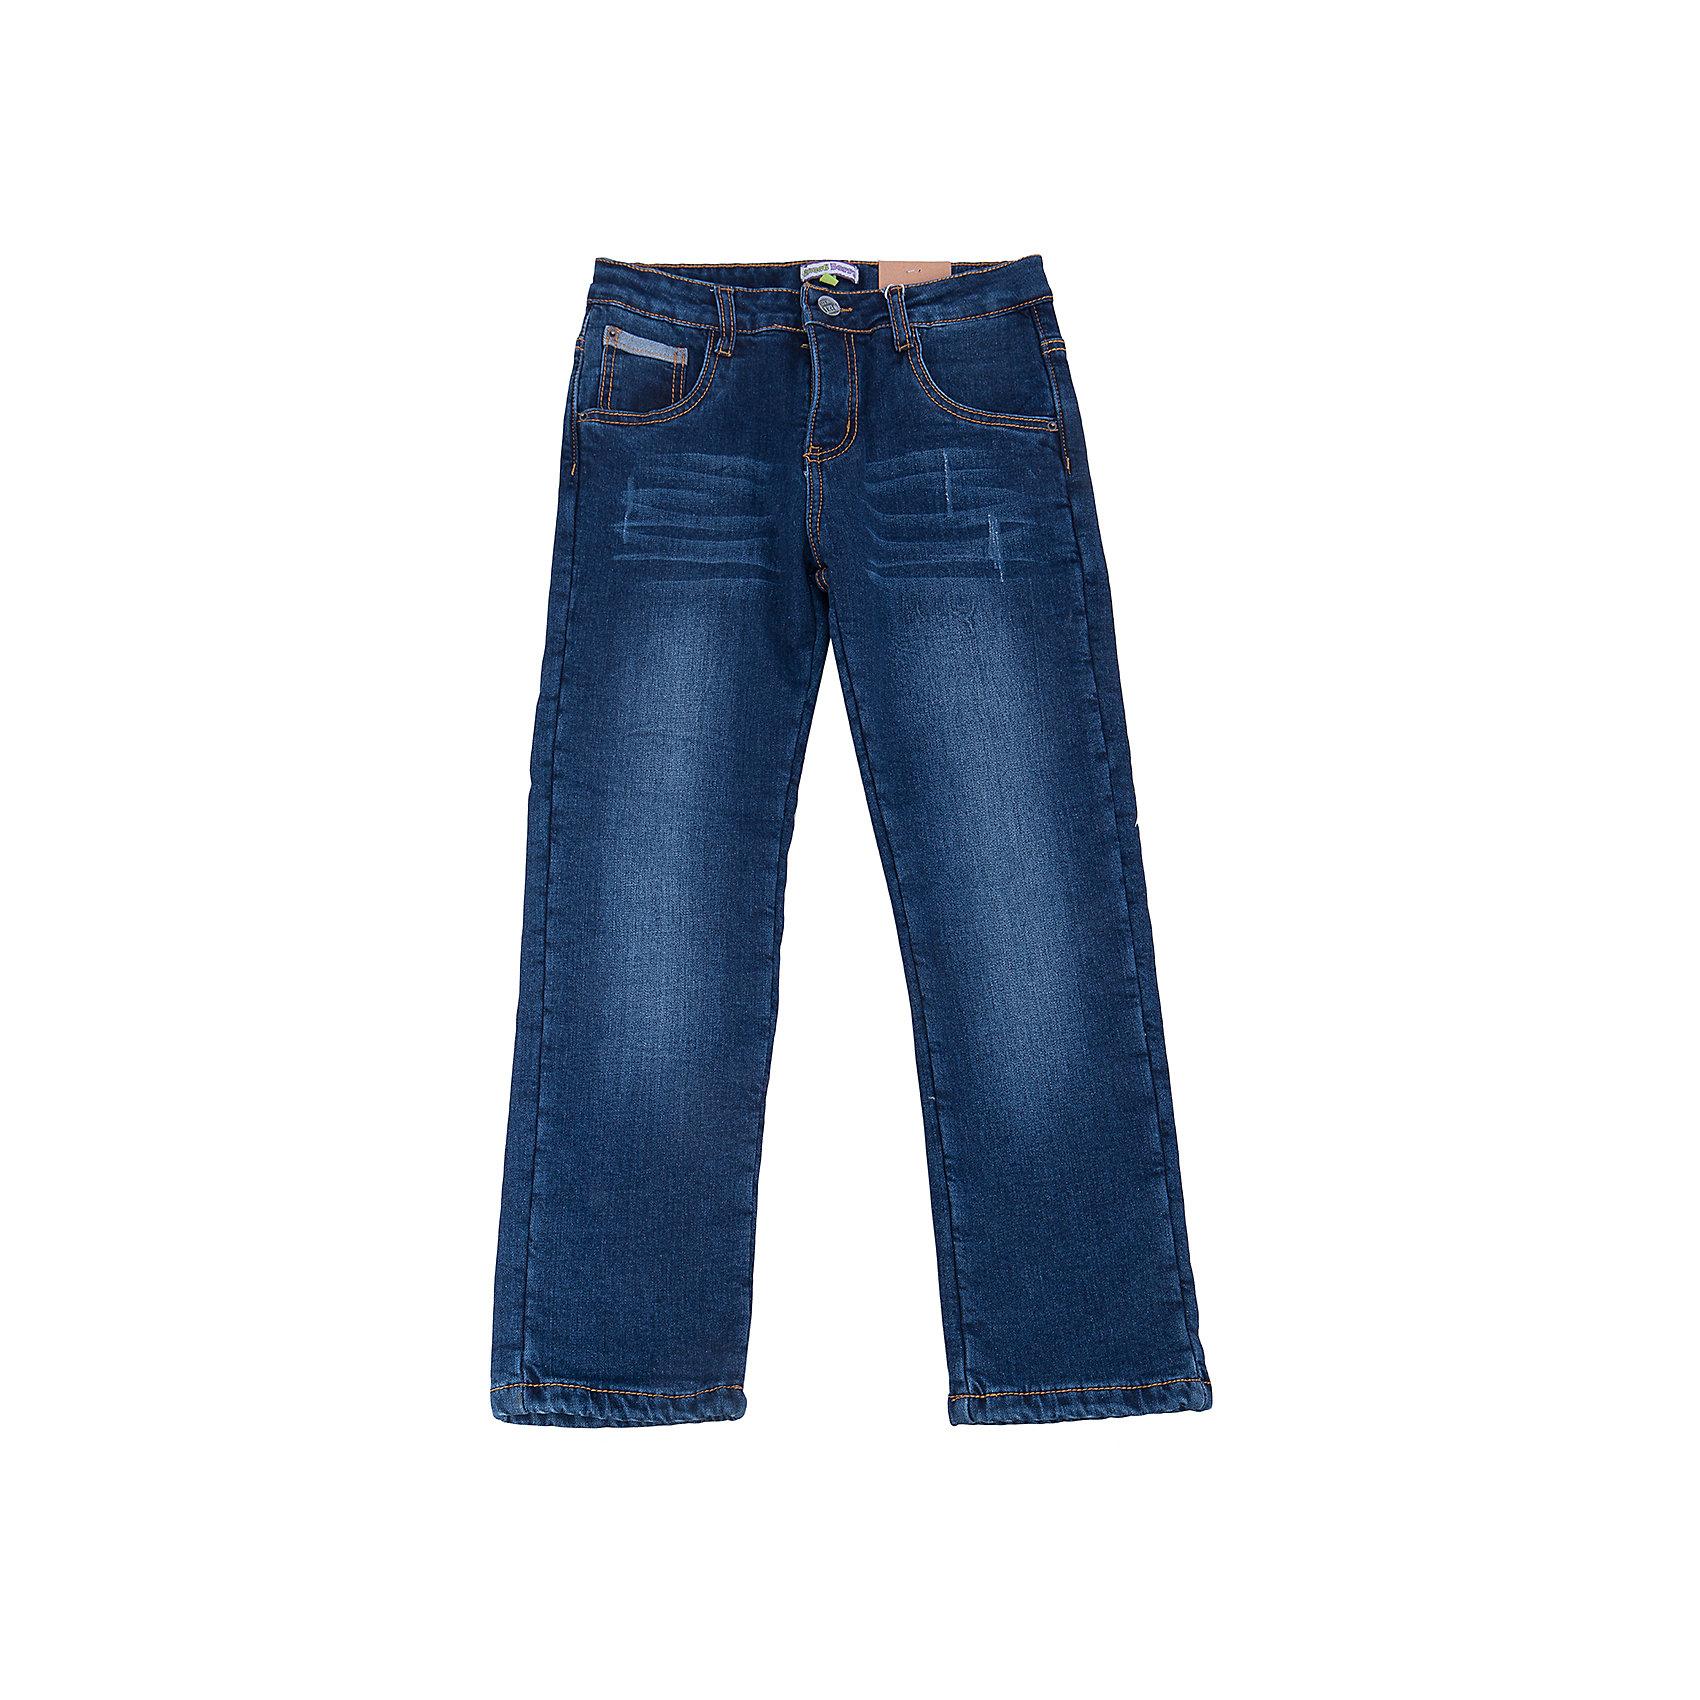 Джинсы для мальчика Sweet BerryДжинсовая одежда<br>Такая модель джинсов для мальчика отличается модным дизайном с контрастной прострочкой и потертостями. Удачный крой обеспечит ребенку комфорт и тепло. Мягкая и теплая подкладка делает вещь идеальной для прохладной погоды. Она плотно прилегает к телу там, где нужно, и отлично сидит по фигуре. Джинсы имеют удобный пояс с регулировкой внутри. Натуральный хлопок обеспечит коже возможность дышать и не вызовет аллергии.<br>Одежда от бренда Sweet Berry - это простой и выгодный способ одеть ребенка удобно и стильно. Всё изделия тщательно проработаны: швы - прочные, материал - качественный, фурнитура - подобранная специально для детей. <br><br>Дополнительная информация:<br><br>цвет: синий;<br>имитация потертостей;<br>материал: 100% хлопок, подкладка - 100% полиэстер;<br>пояс с регулировкой внутри.<br><br>Джинсы для мальчика от бренда Sweet Berry можно купить в нашем интернет-магазине.<br><br>Ширина мм: 215<br>Глубина мм: 88<br>Высота мм: 191<br>Вес г: 336<br>Цвет: синий<br>Возраст от месяцев: 84<br>Возраст до месяцев: 96<br>Пол: Мужской<br>Возраст: Детский<br>Размер: 128,122,98,104,110,116<br>SKU: 4930564